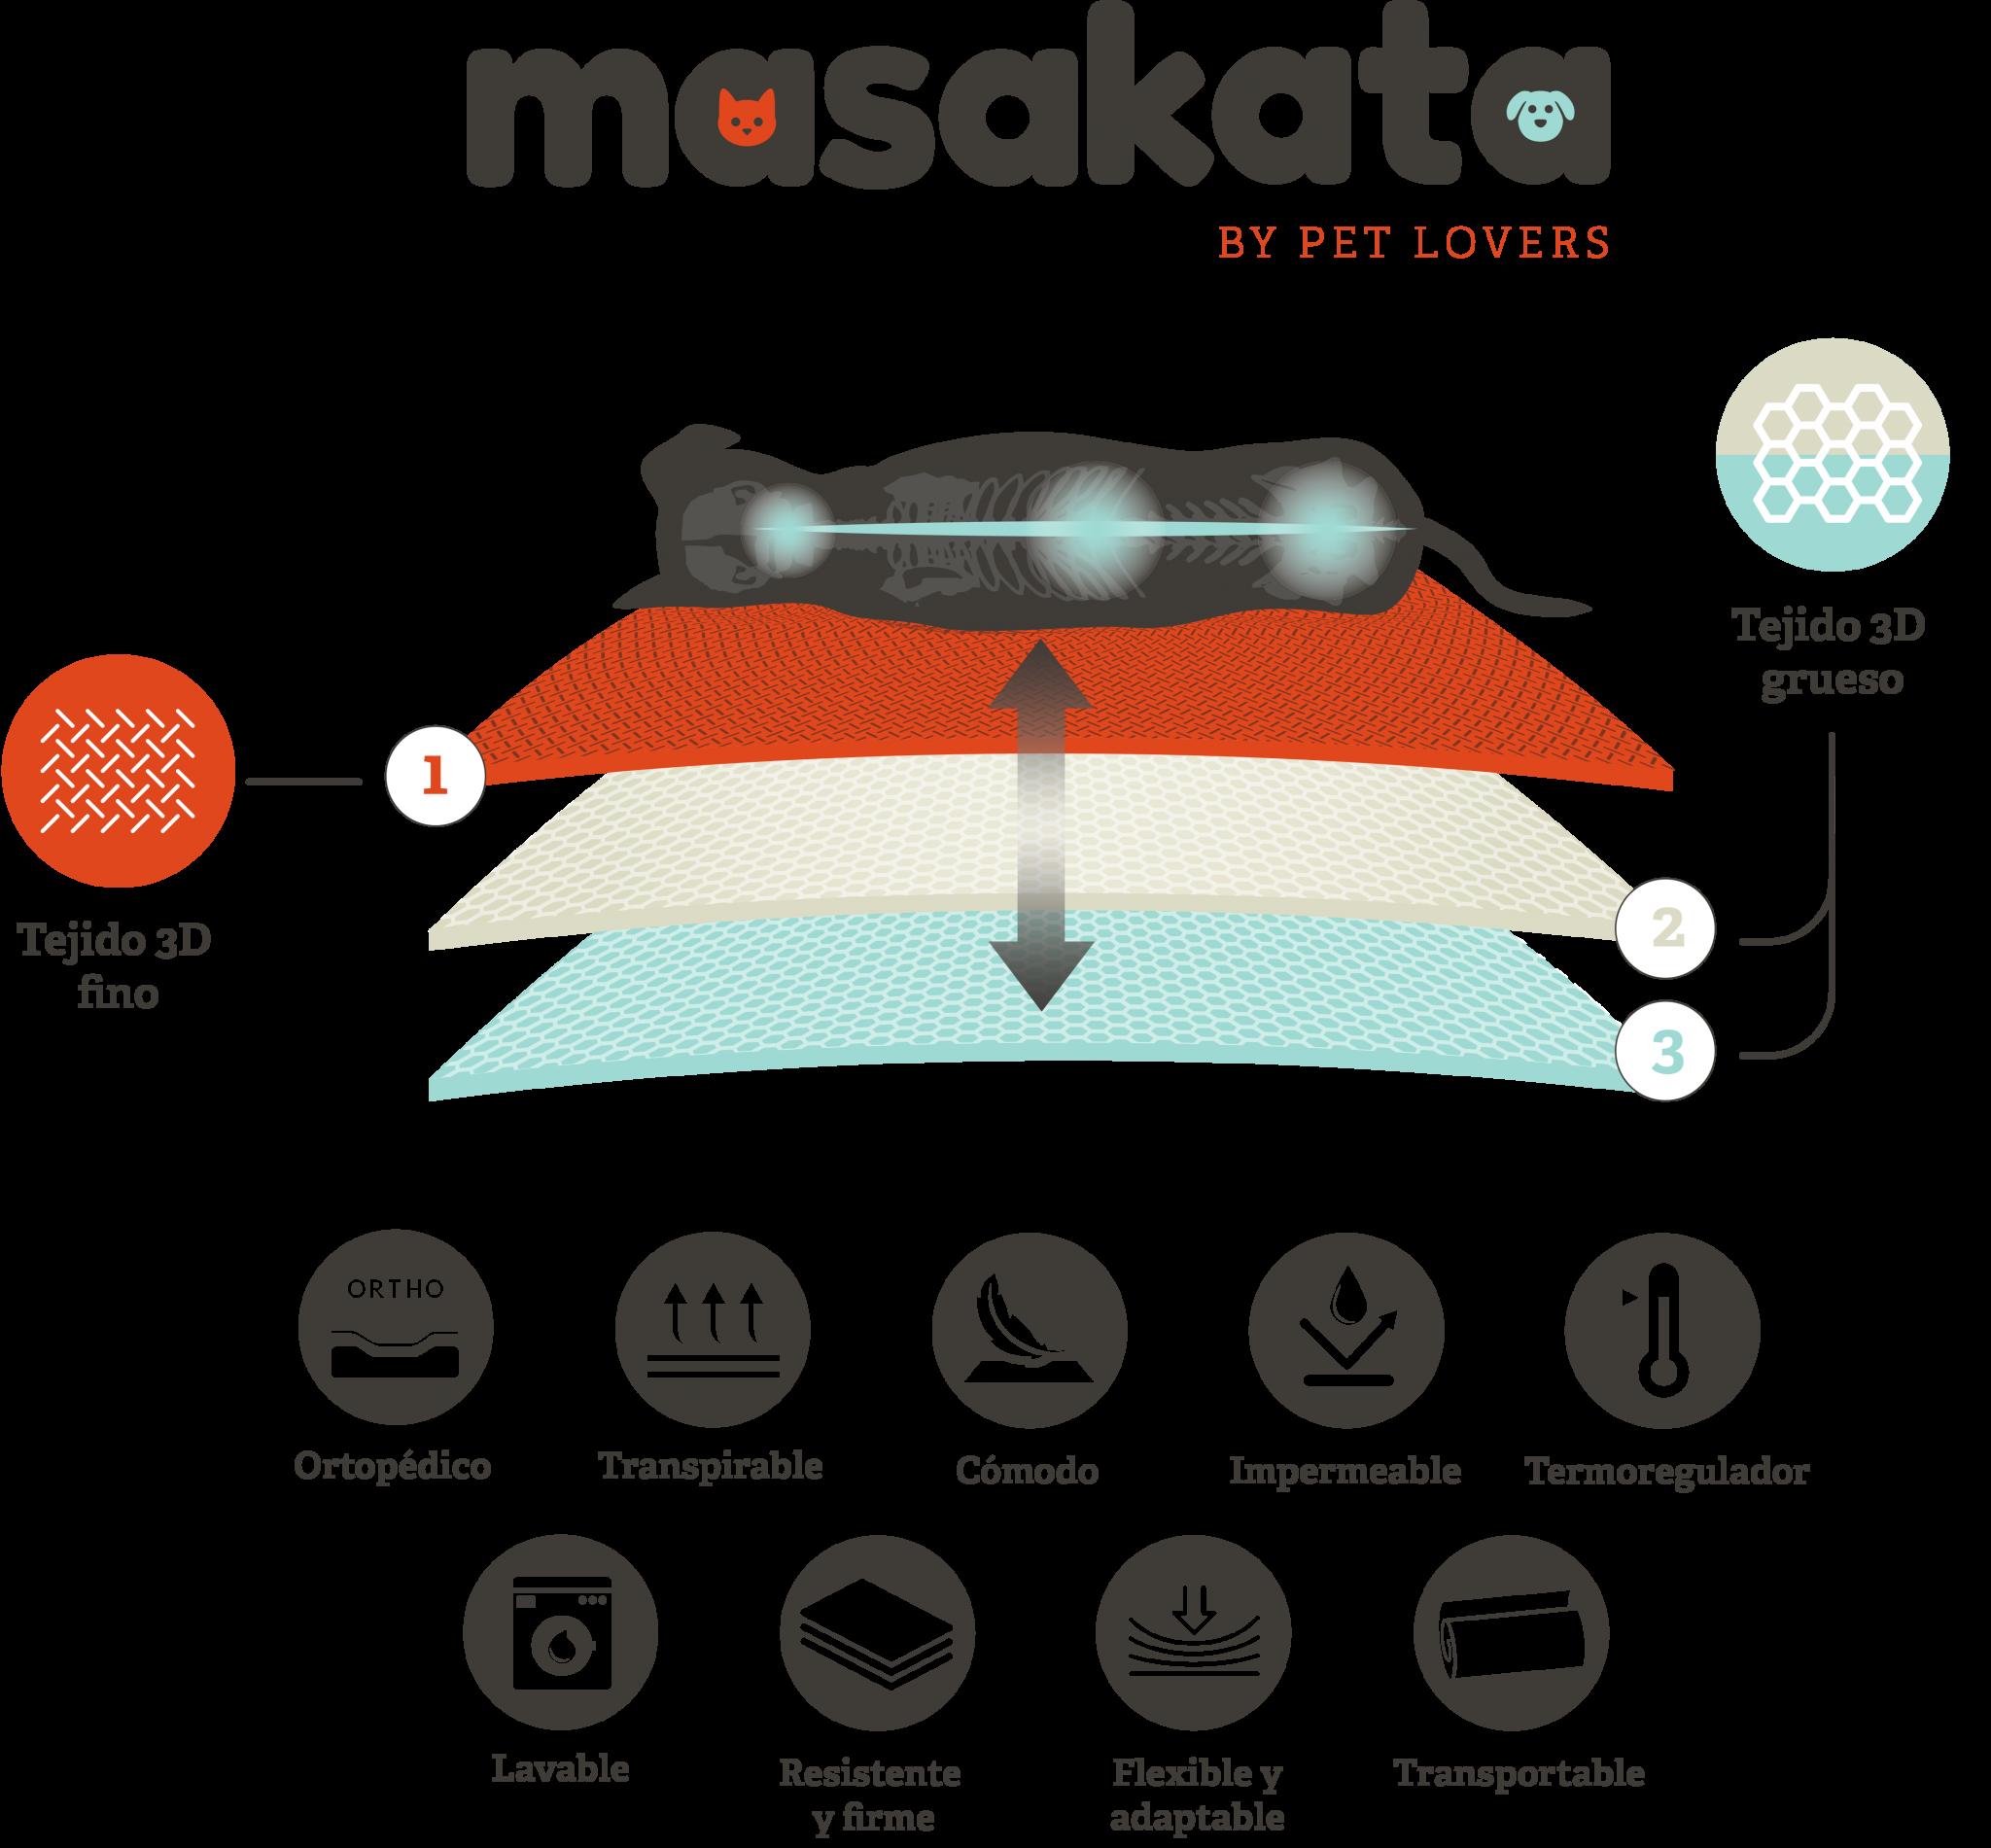 infografia-Masakata-03-2-2048x1901